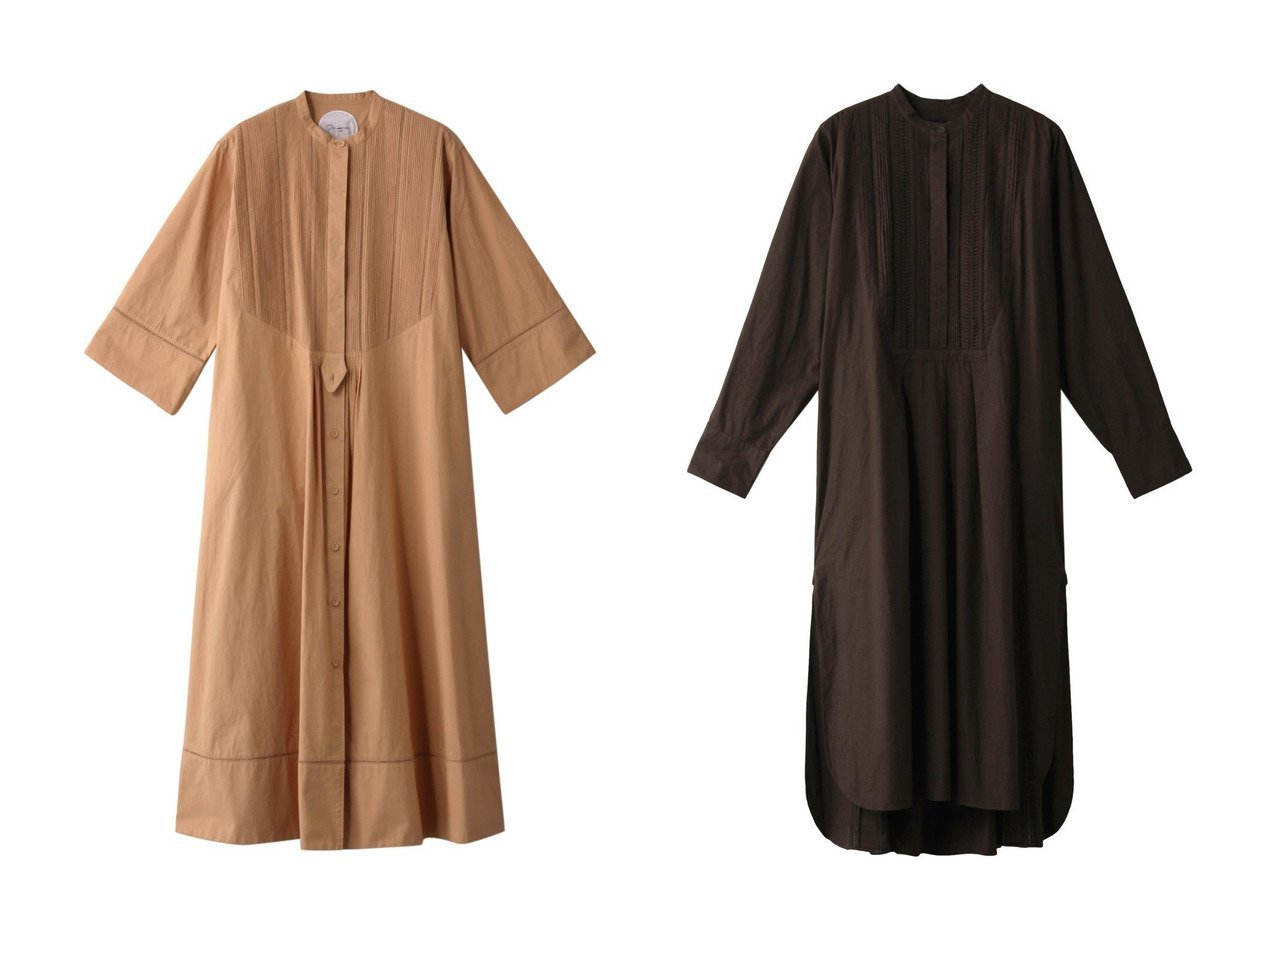 【Pheeta/フィータ】のTrinity コットンピンタックドレス&Trinity コットンピンタックシャツロングドレス ワンピース・ドレスのおすすめ!人気、トレンド・レディースファッションの通販 おすすめで人気の流行・トレンド、ファッションの通販商品 メンズファッション・キッズファッション・インテリア・家具・レディースファッション・服の通販 founy(ファニー) https://founy.com/ ファッション Fashion レディースファッション WOMEN ワンピース Dress ドレス Party Dresses 2021年 2021 2021 春夏 S/S SS Spring/Summer 2021 S/S 春夏 SS Spring/Summer スキニー フロント レギンス ロング 春 Spring |ID:crp329100000013078